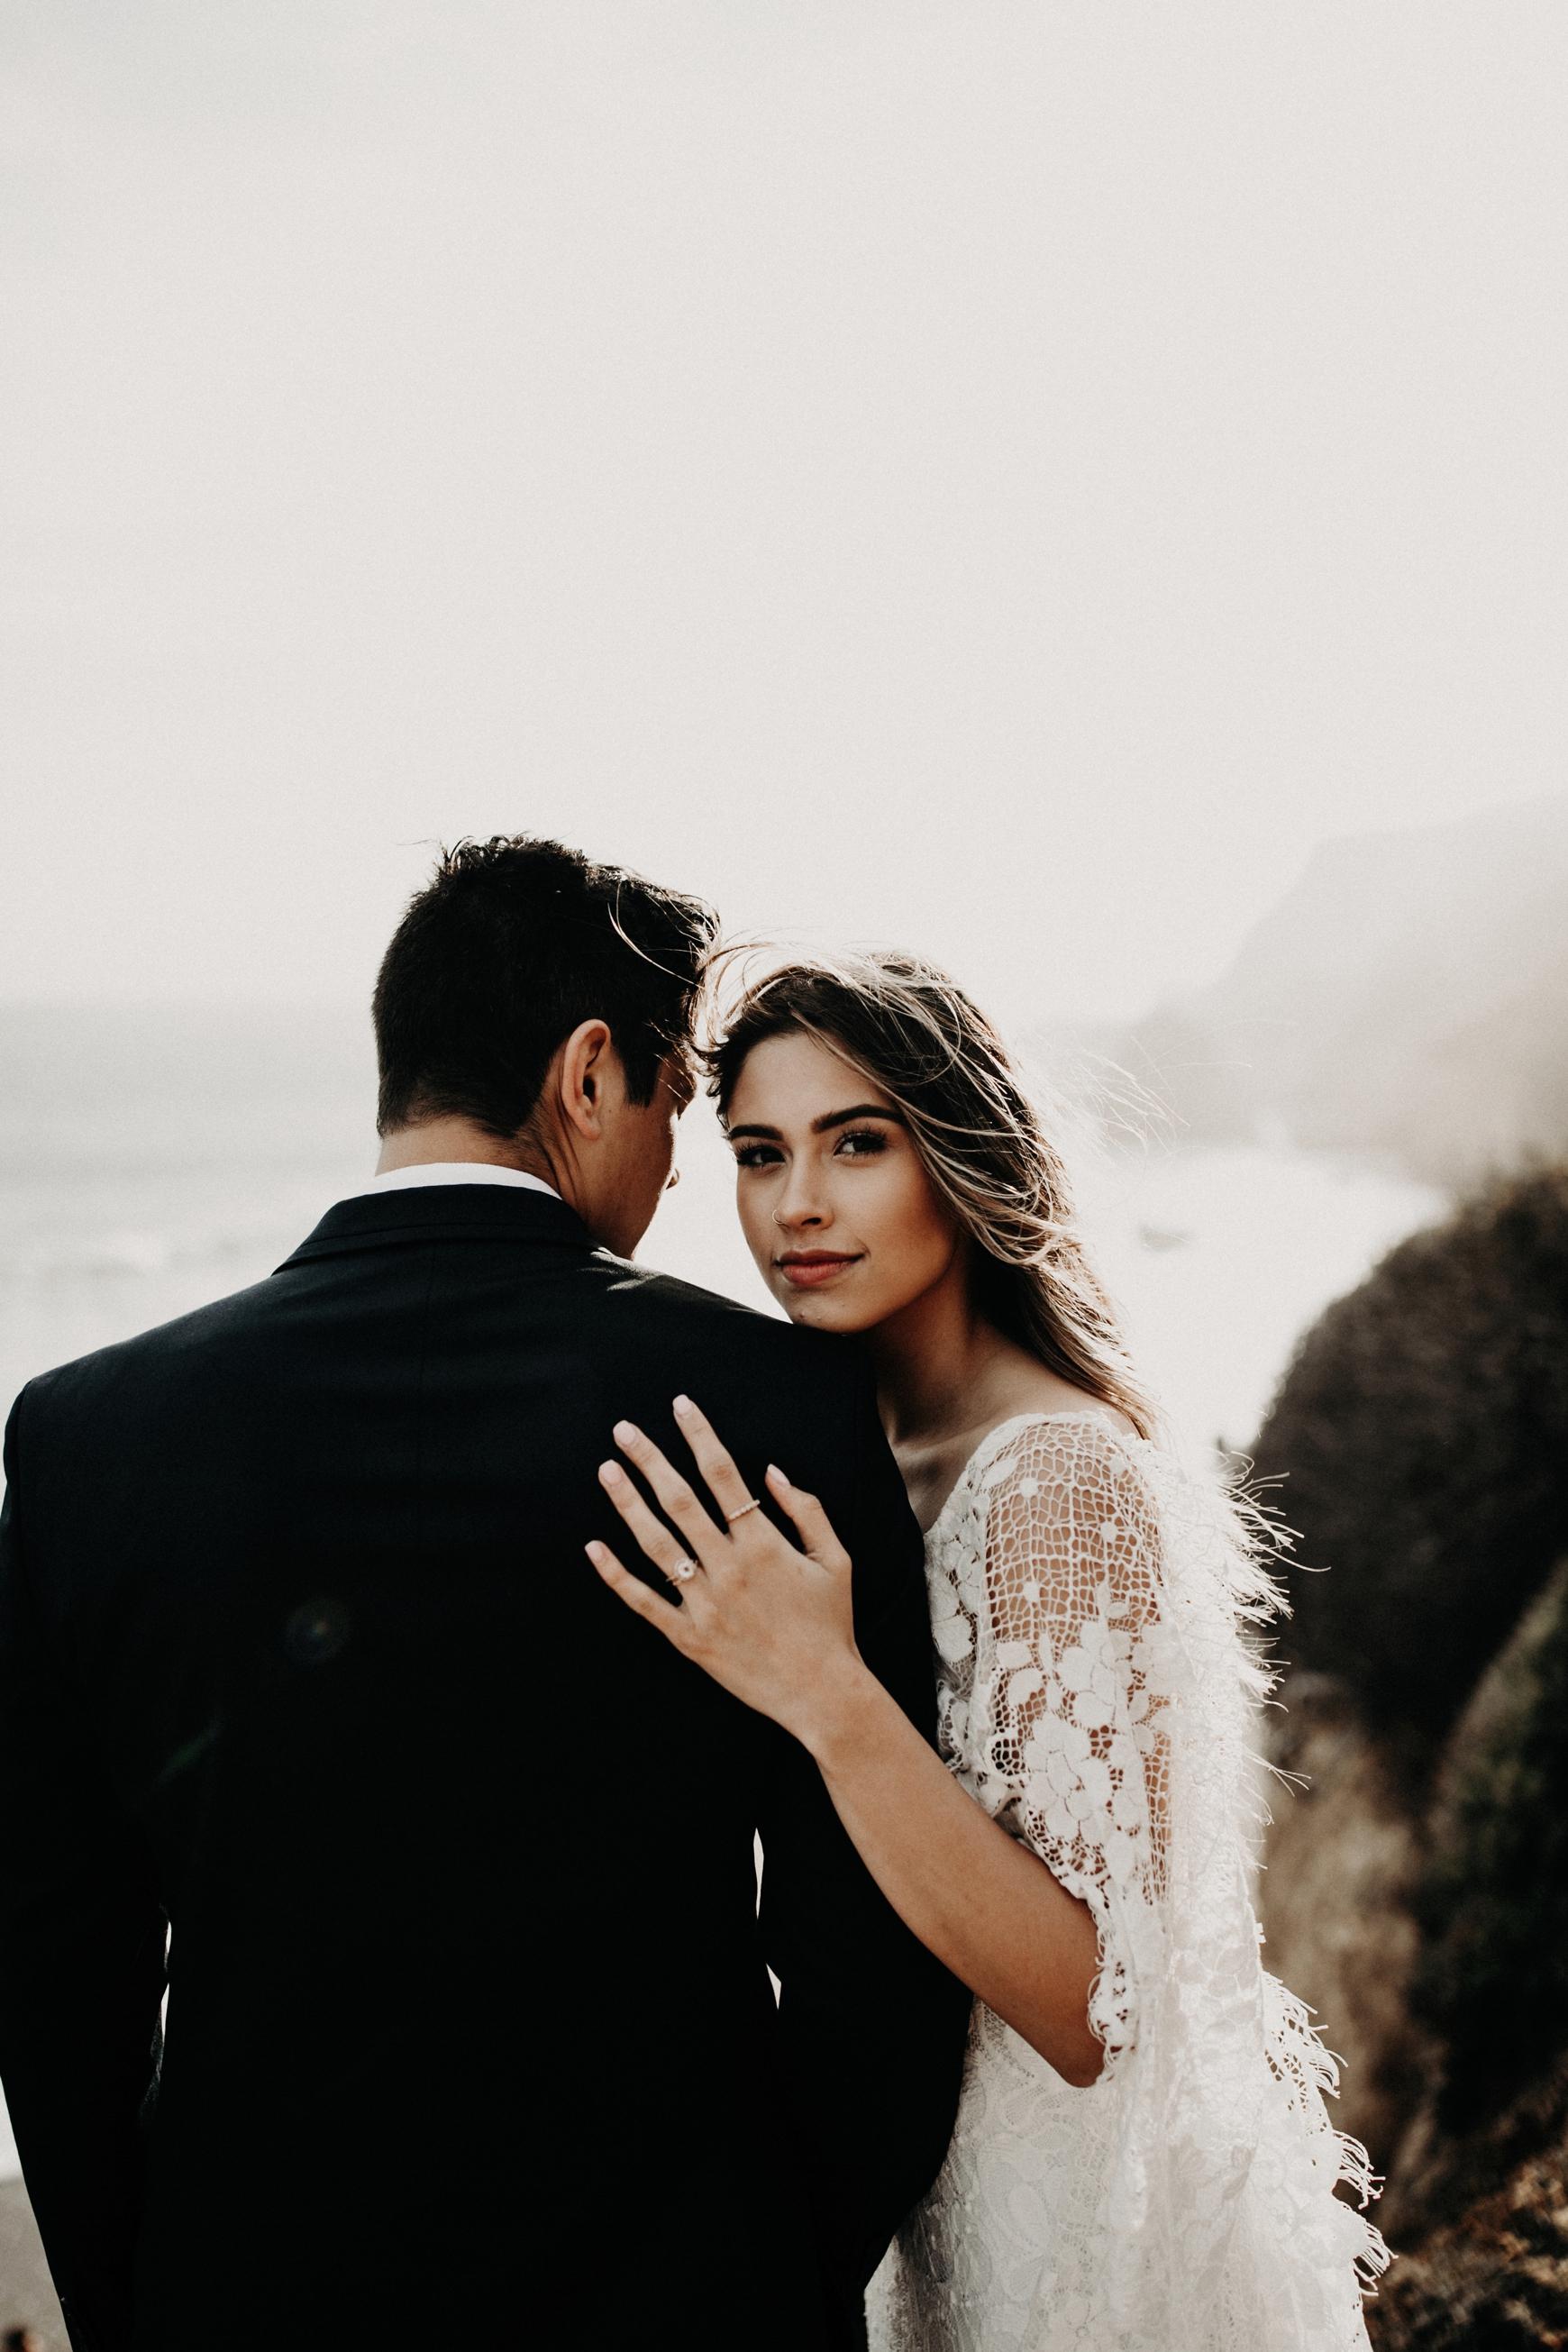 El Matador Beach Bridal Portraits Justellen & TJ Emily Magers Photography-160Emily Magers Photography.jpg